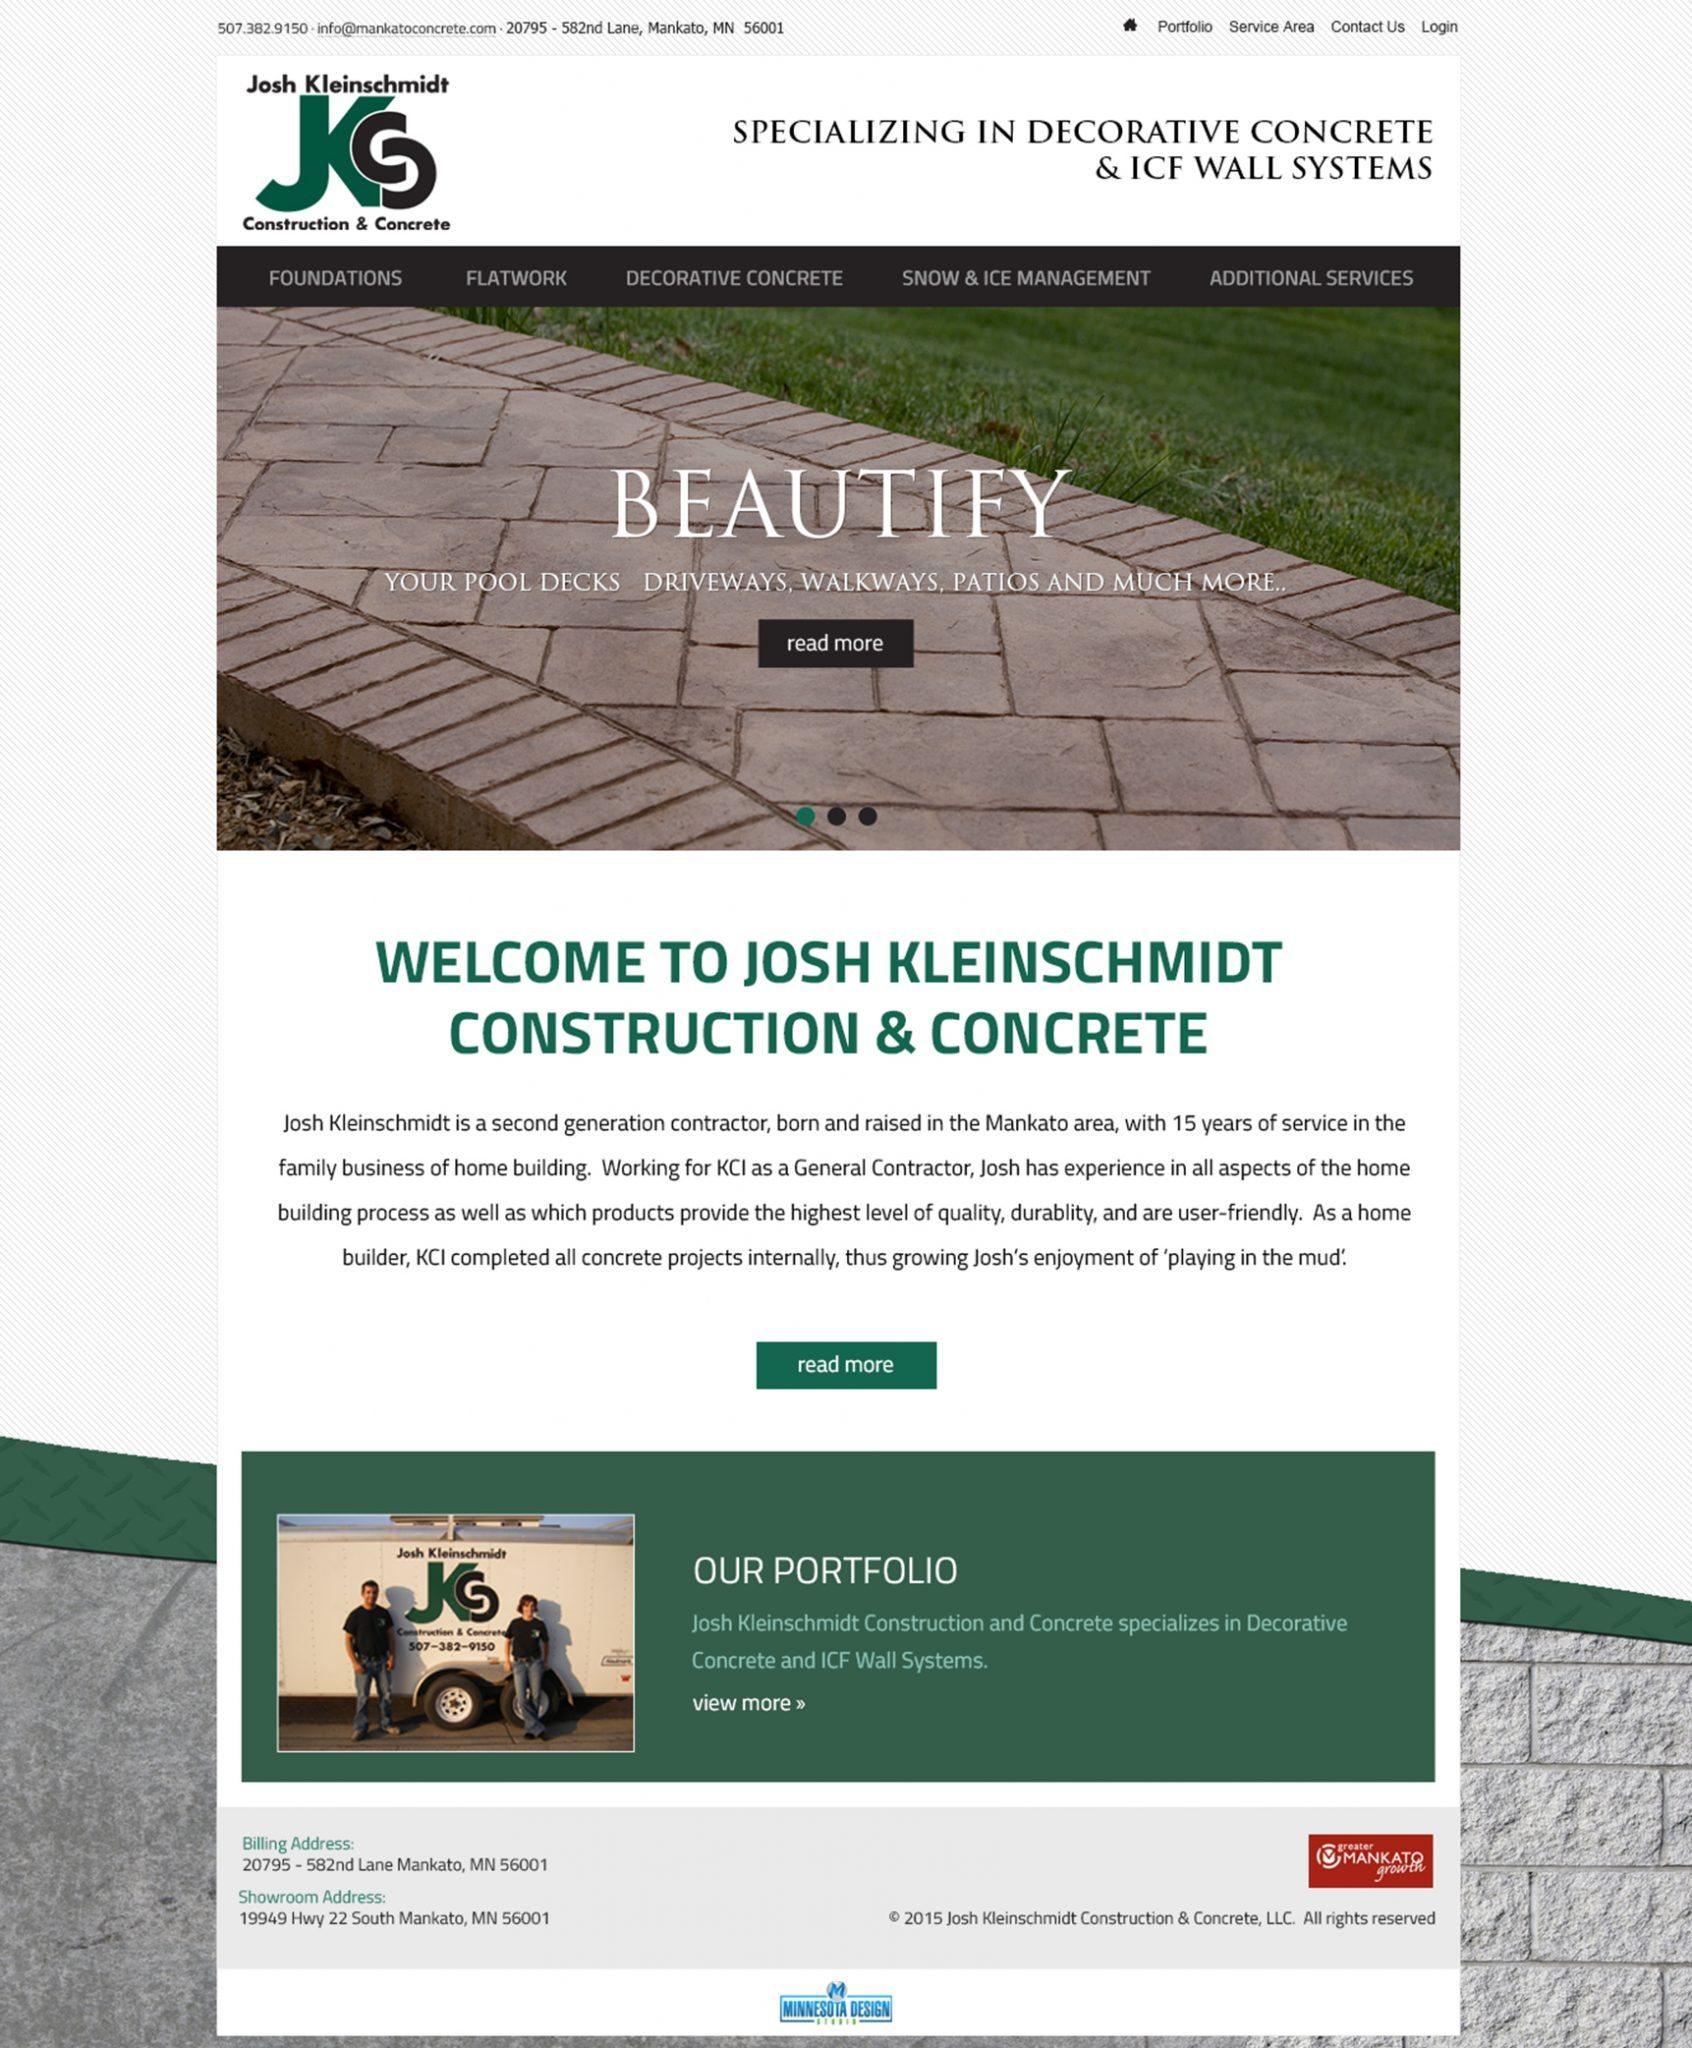 Josh Kleinschmidt Construction & Concrete